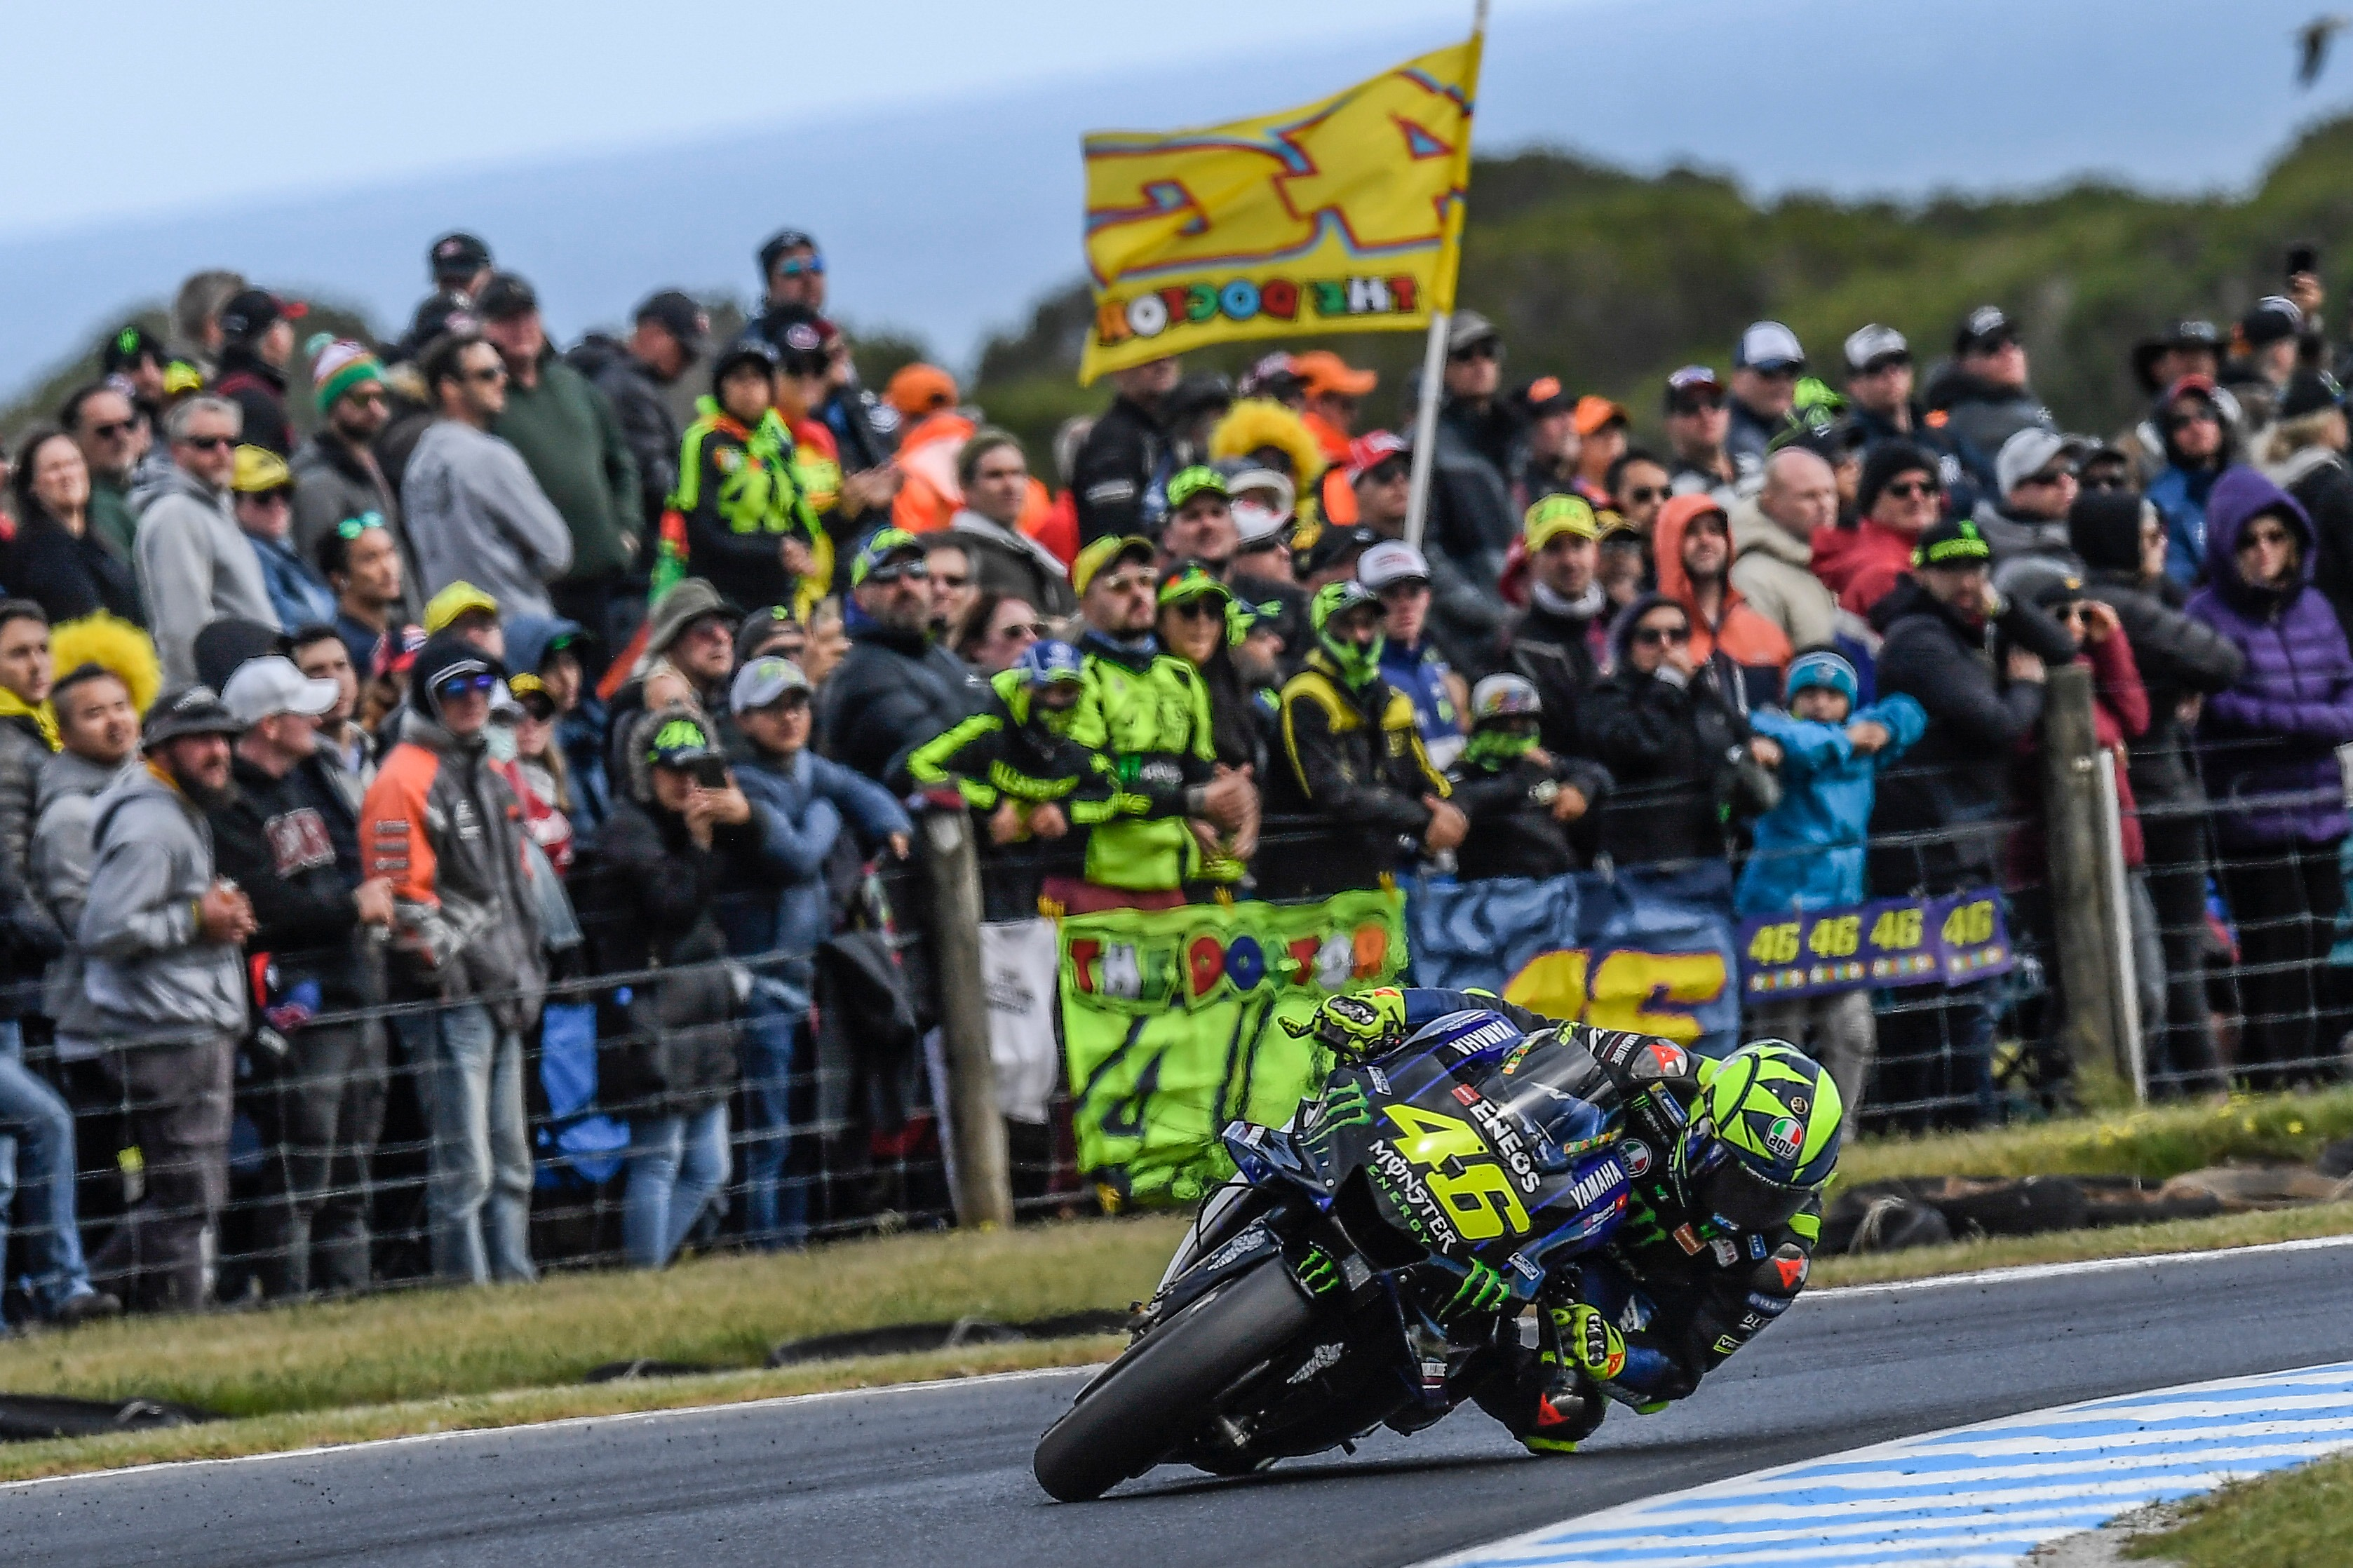 Pour son 400e Grand prix, Rossi a mené le début de course